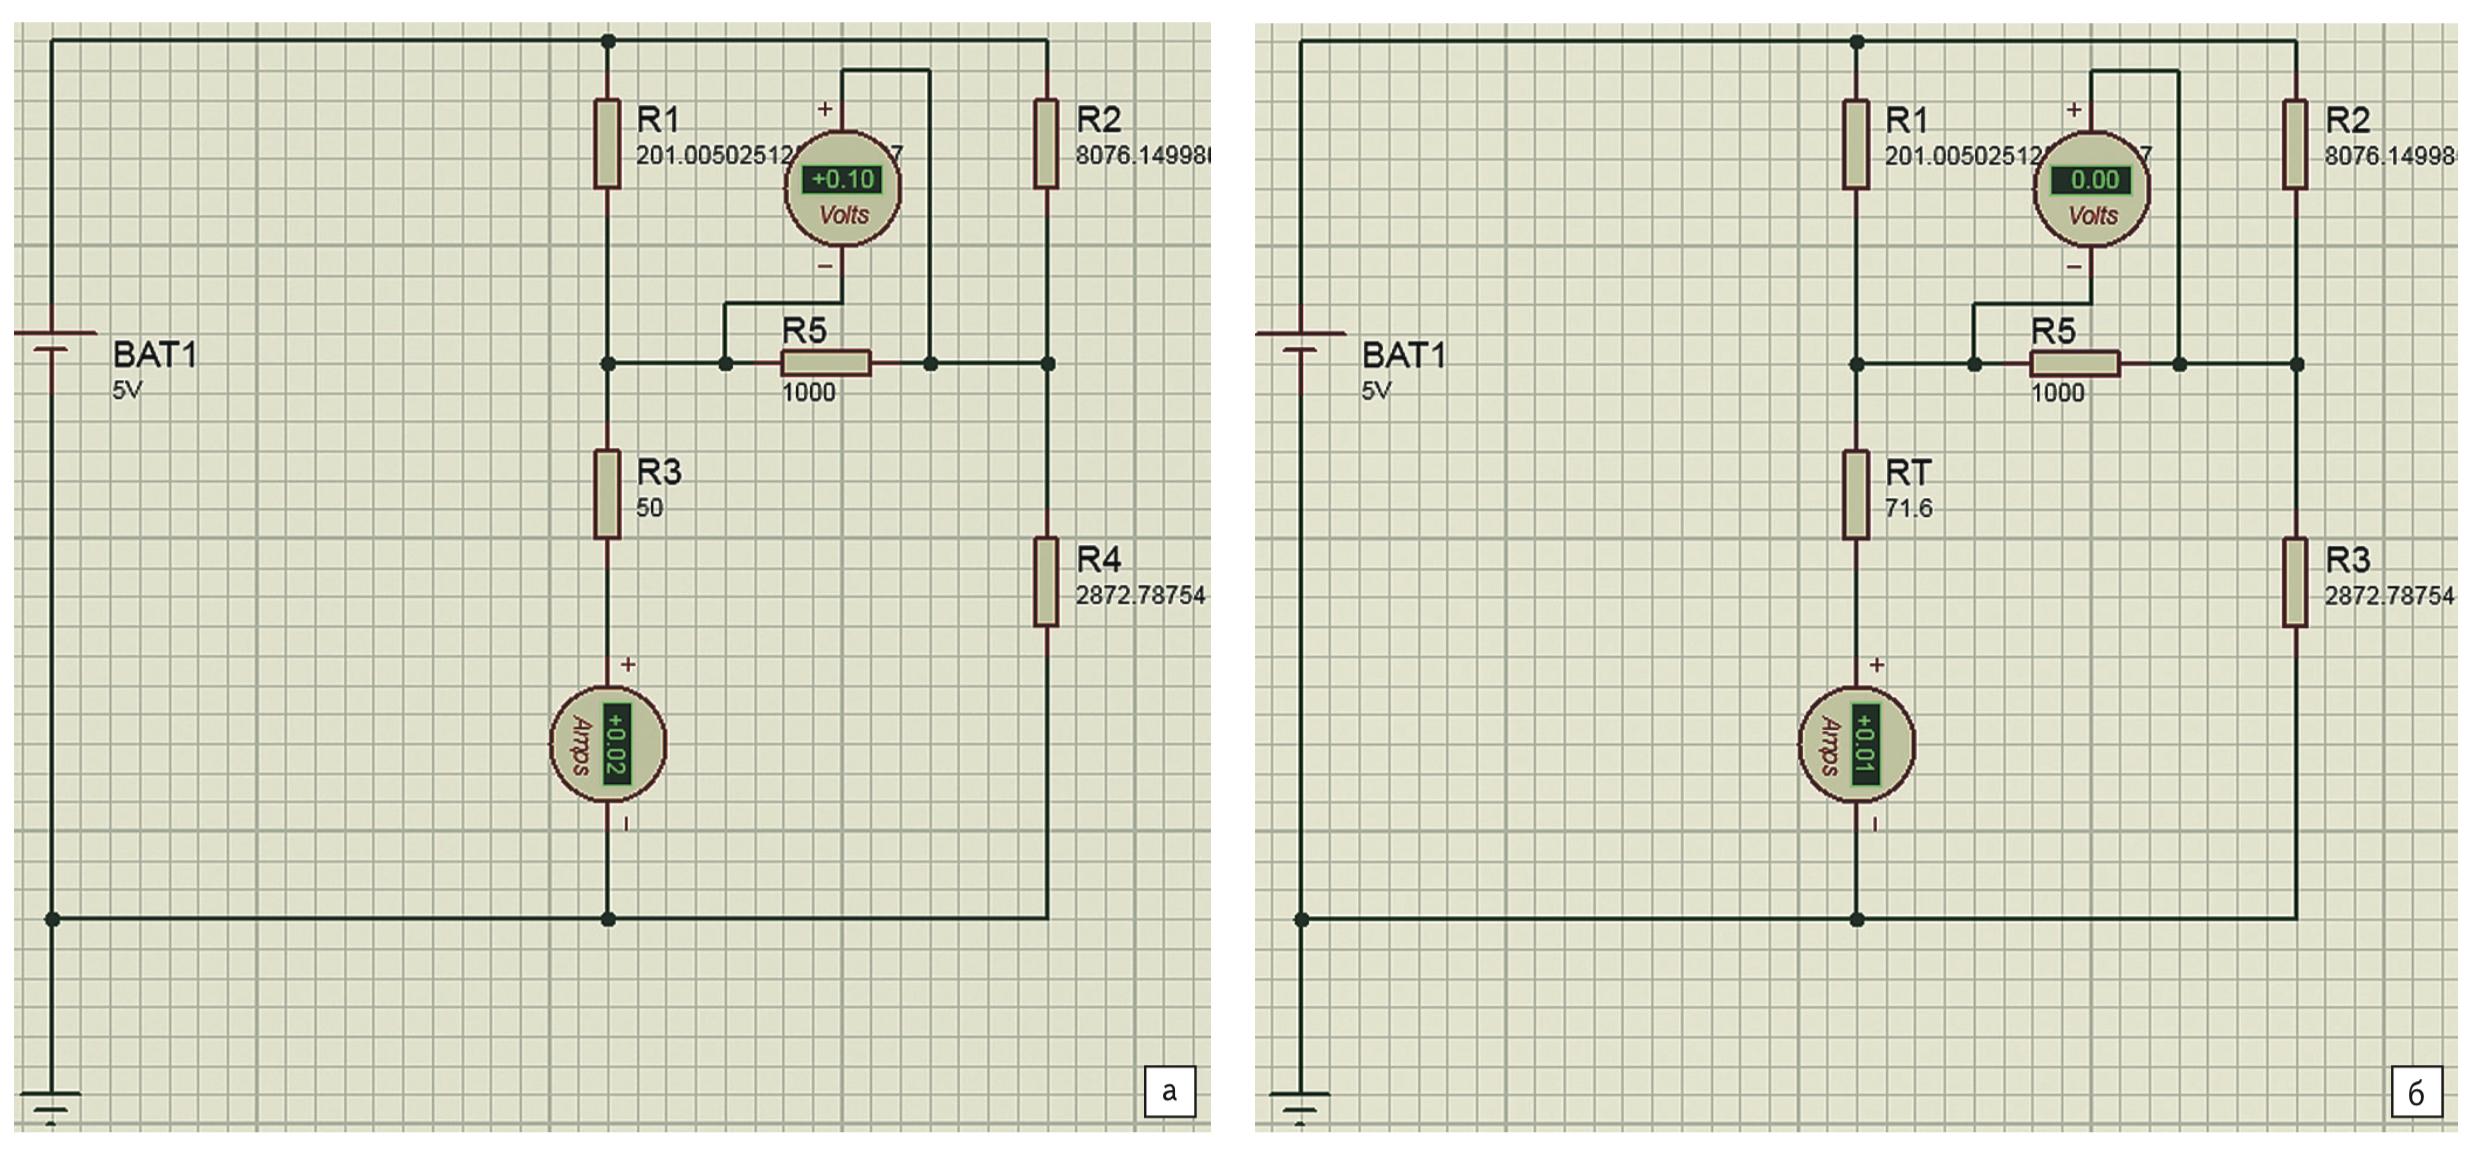 Моделирование в Proteus мостовой схемы с учетом сопротивления нагрузки: а) для Rt1 = 50 Ом; б) Rt2 = 71,5 Ом